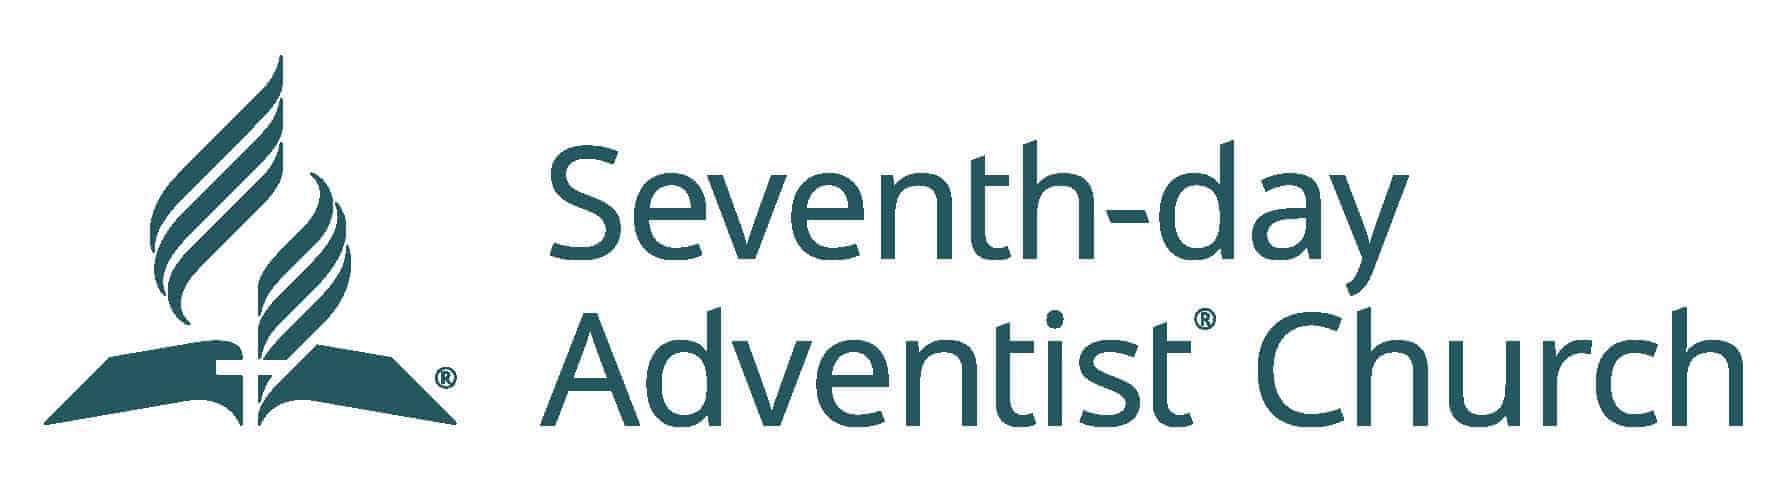 adventist-en-cave-1-1-2-1-1-1-1.jpg